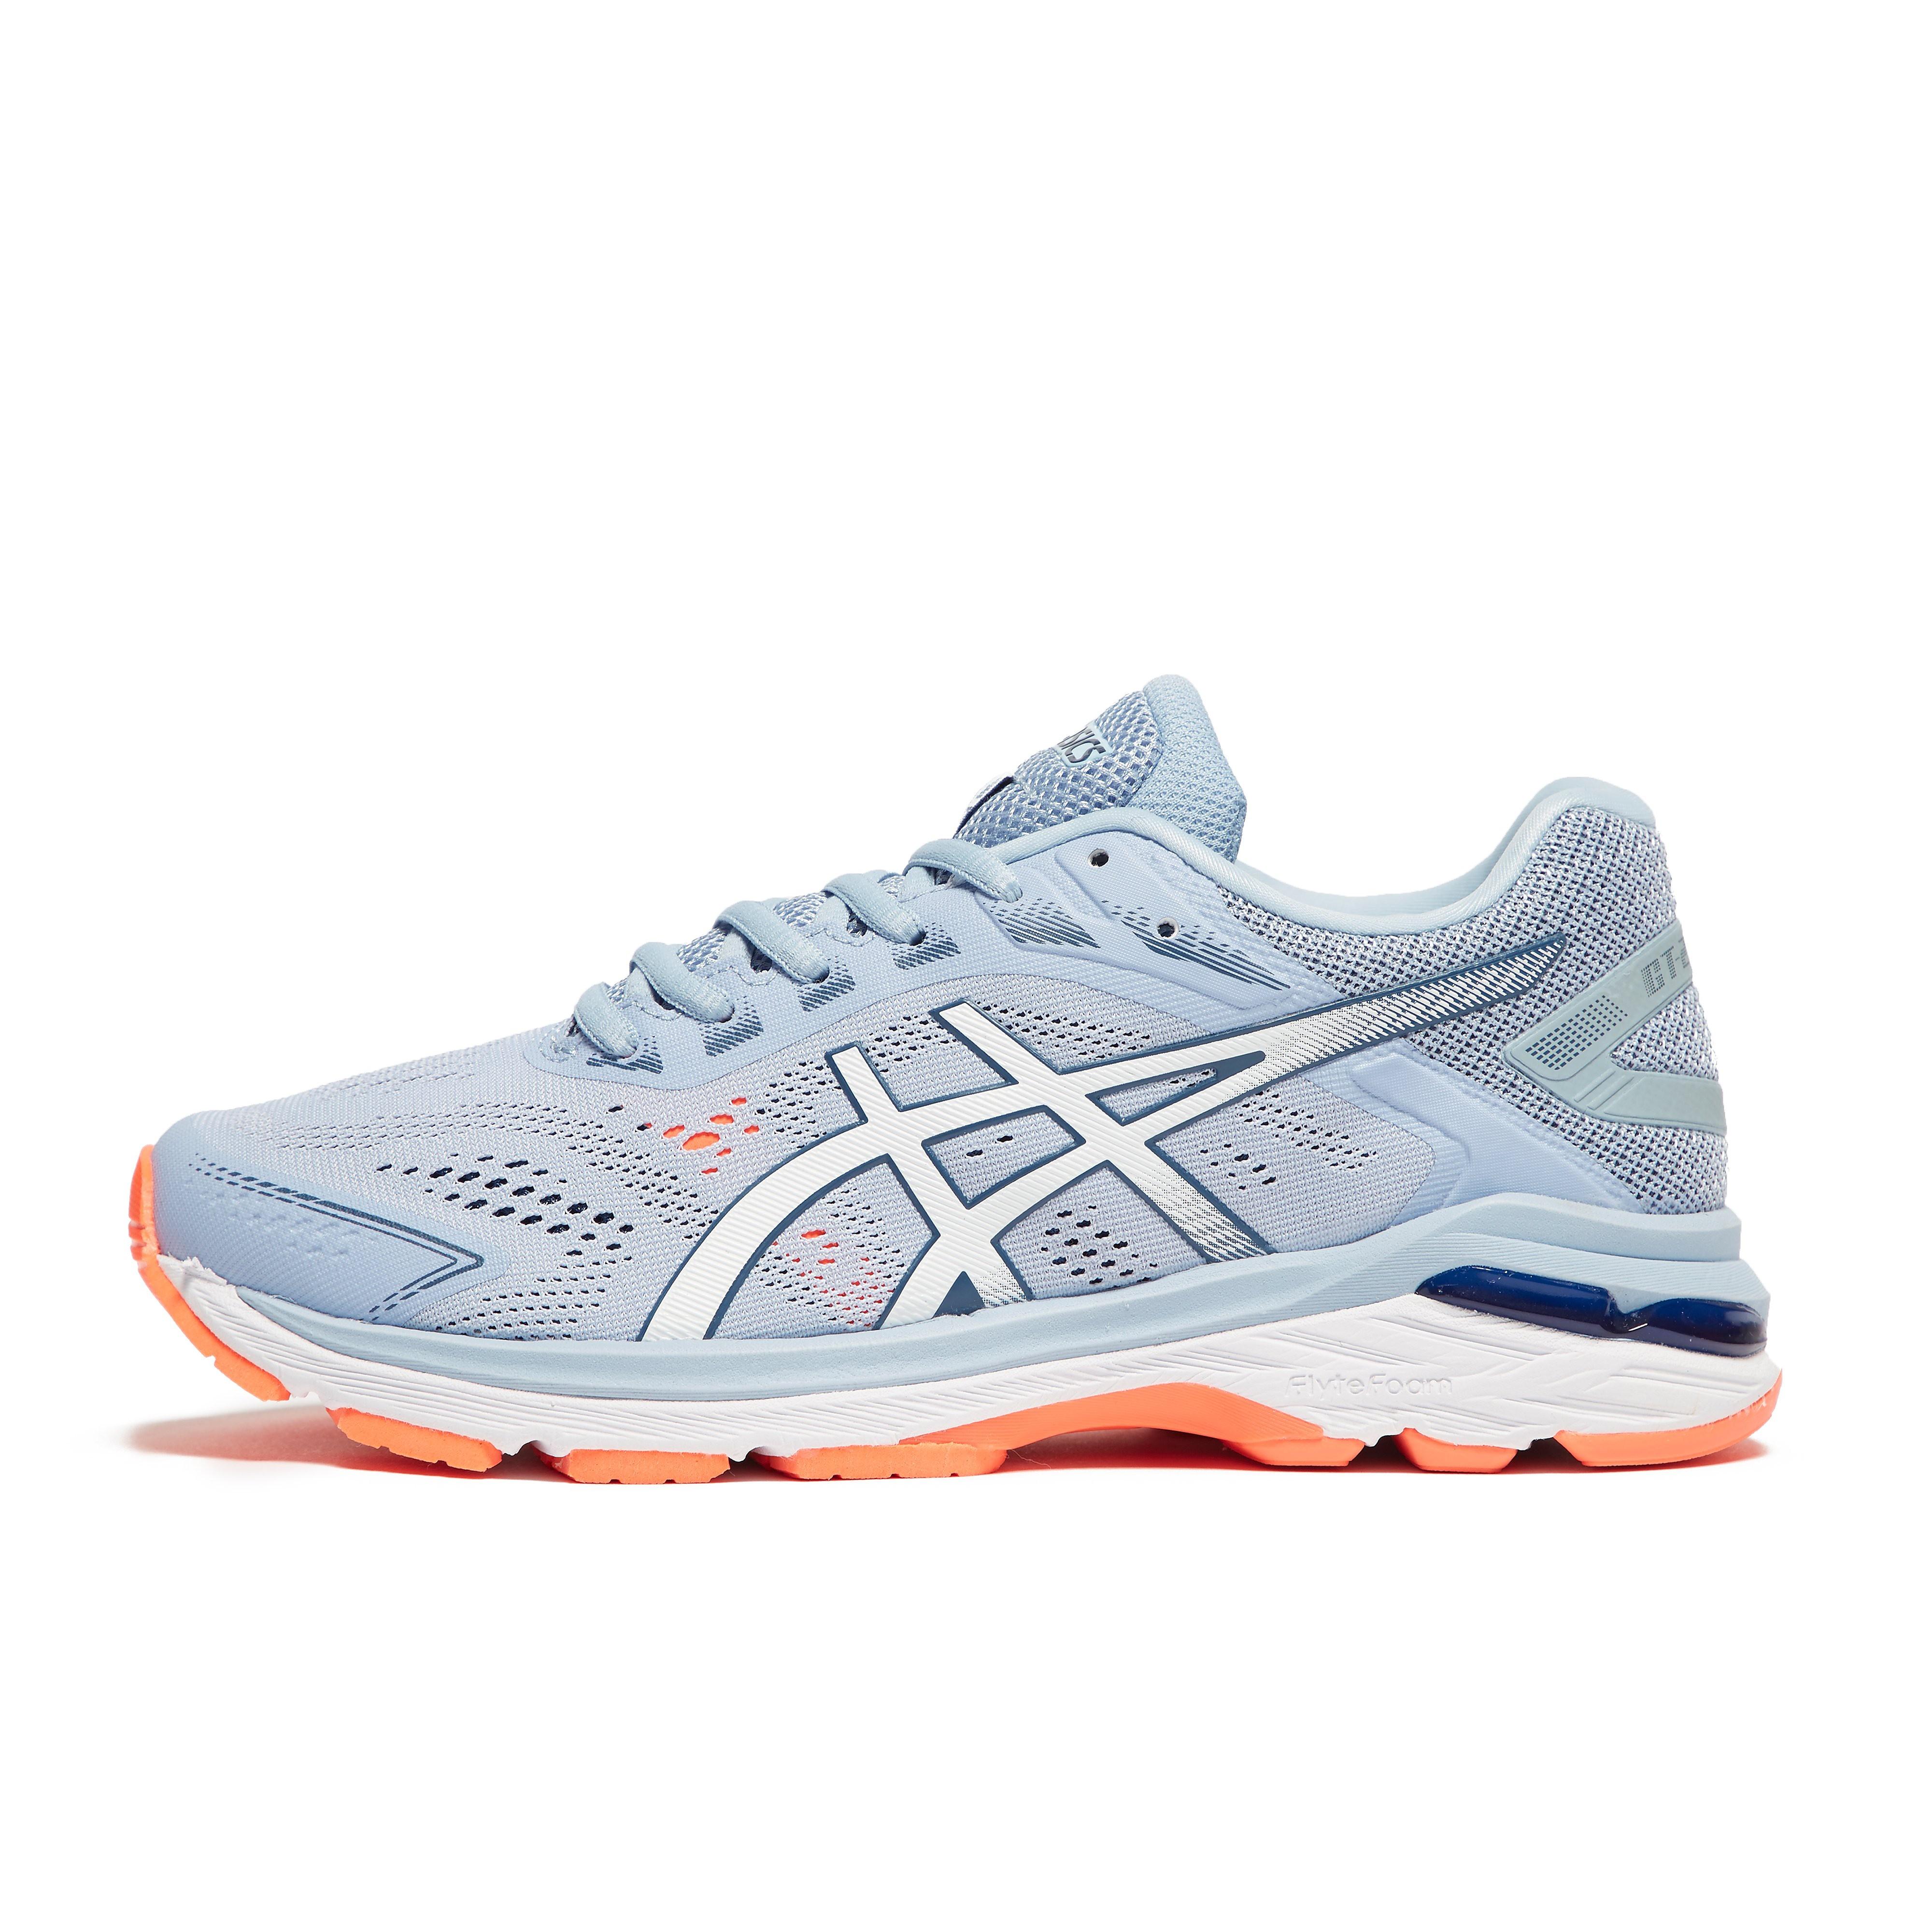 Womens Blue ASICS GT-2000 7 Running Shoes